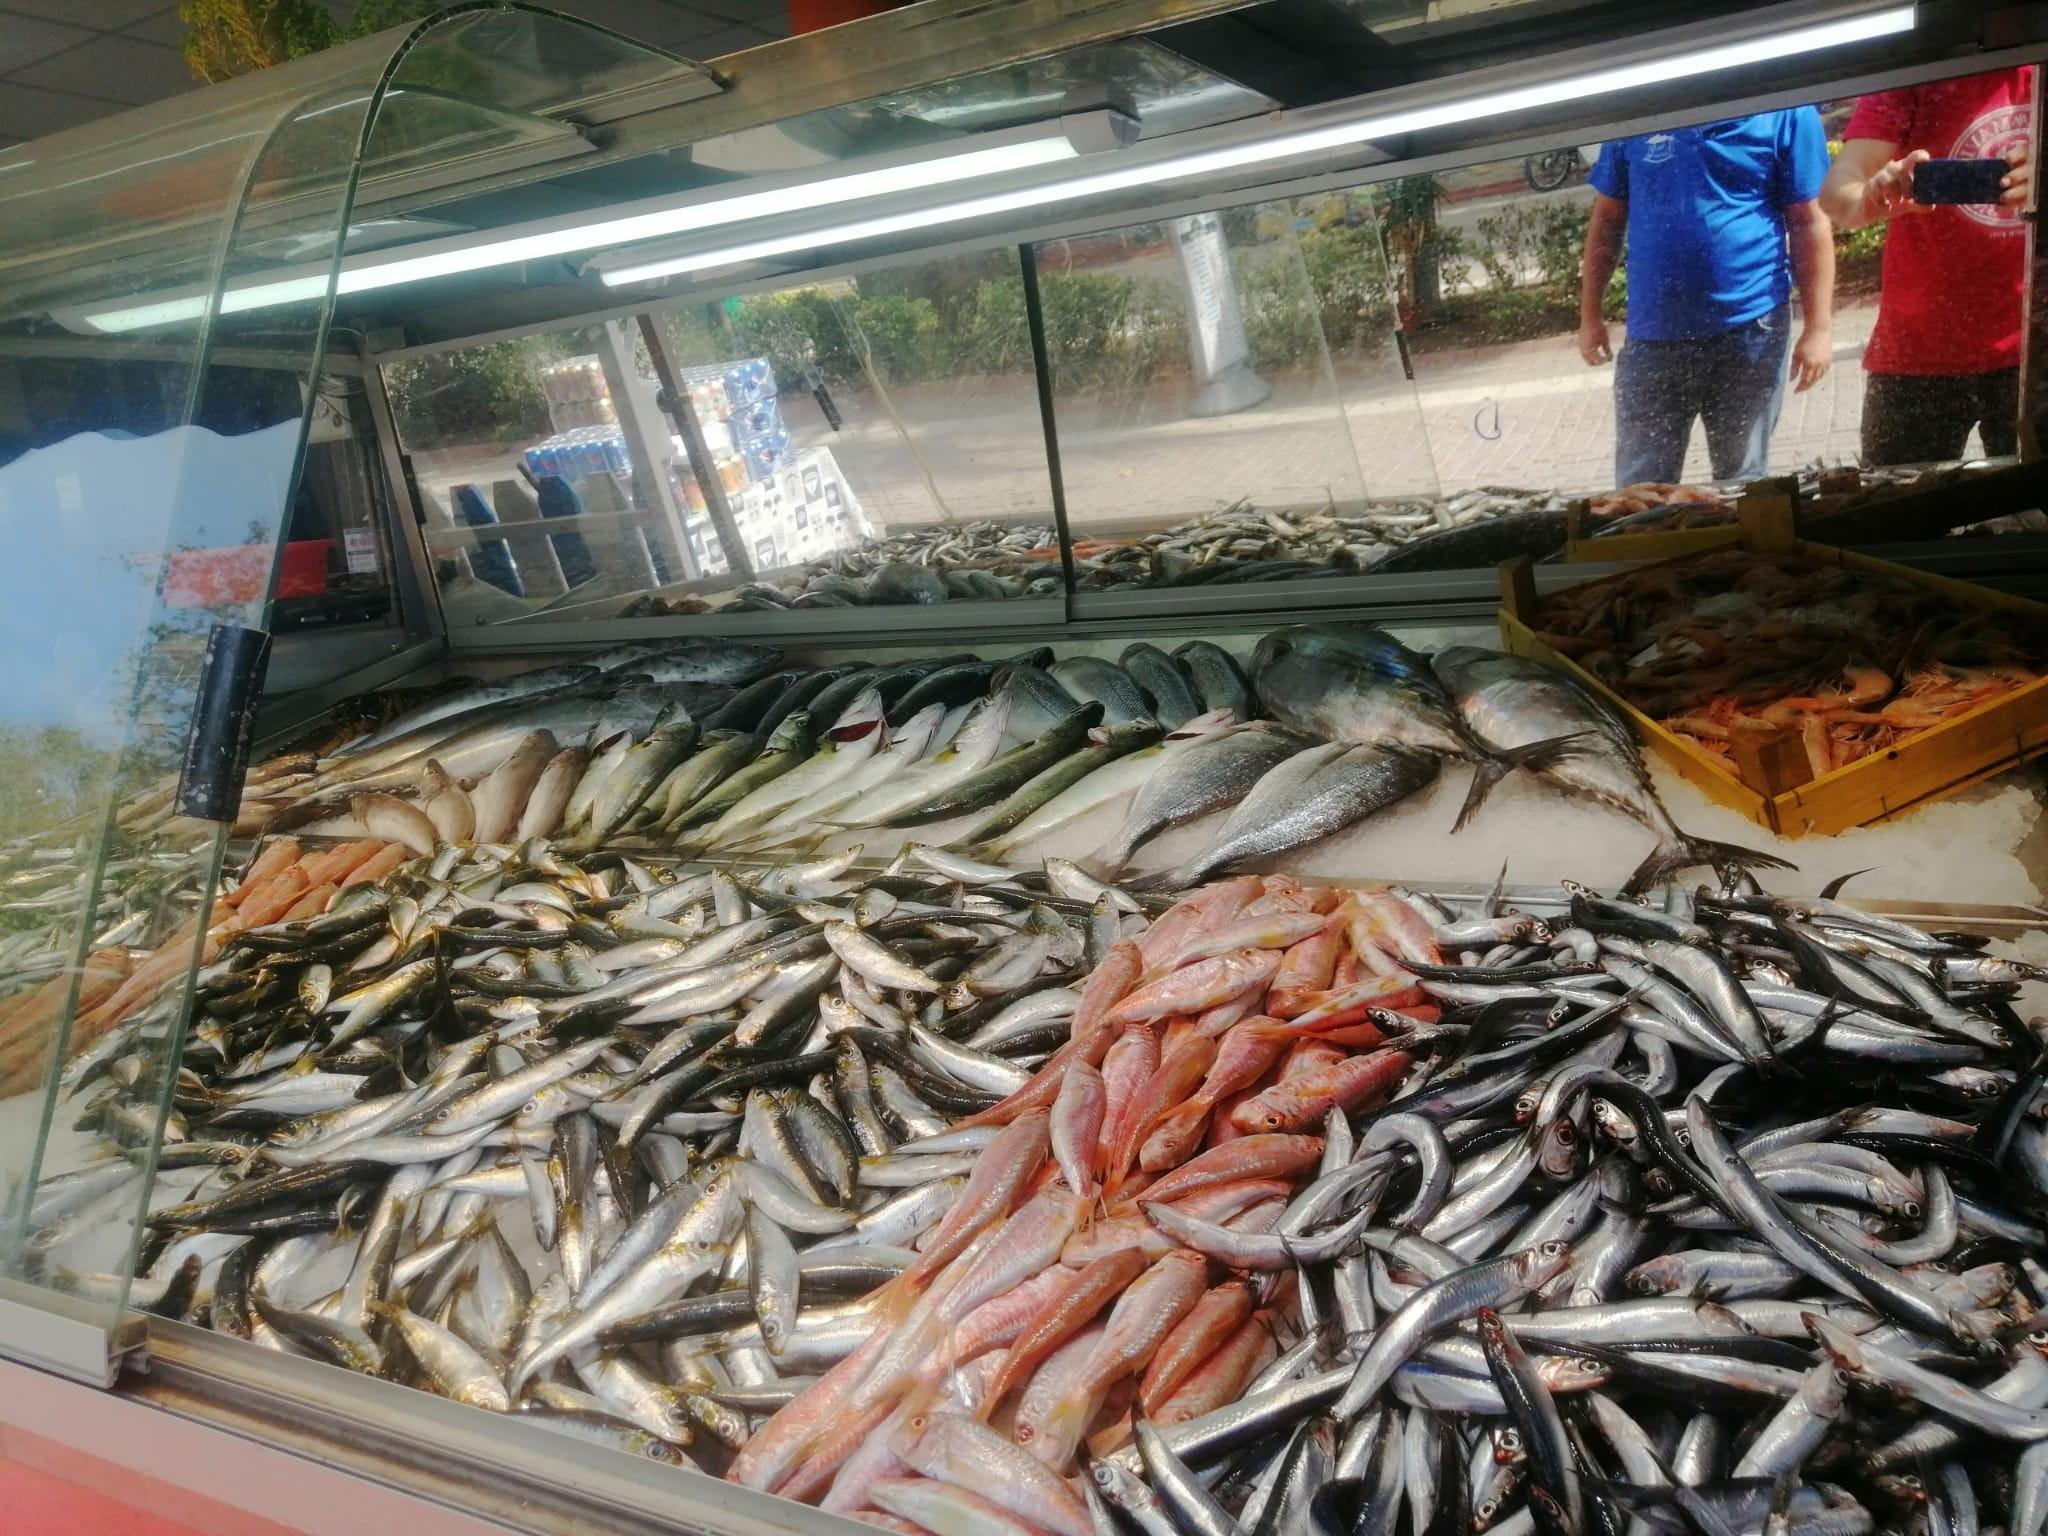 Erdek'te balık tezgahları şenlendi-1-gazete-yenigun-1